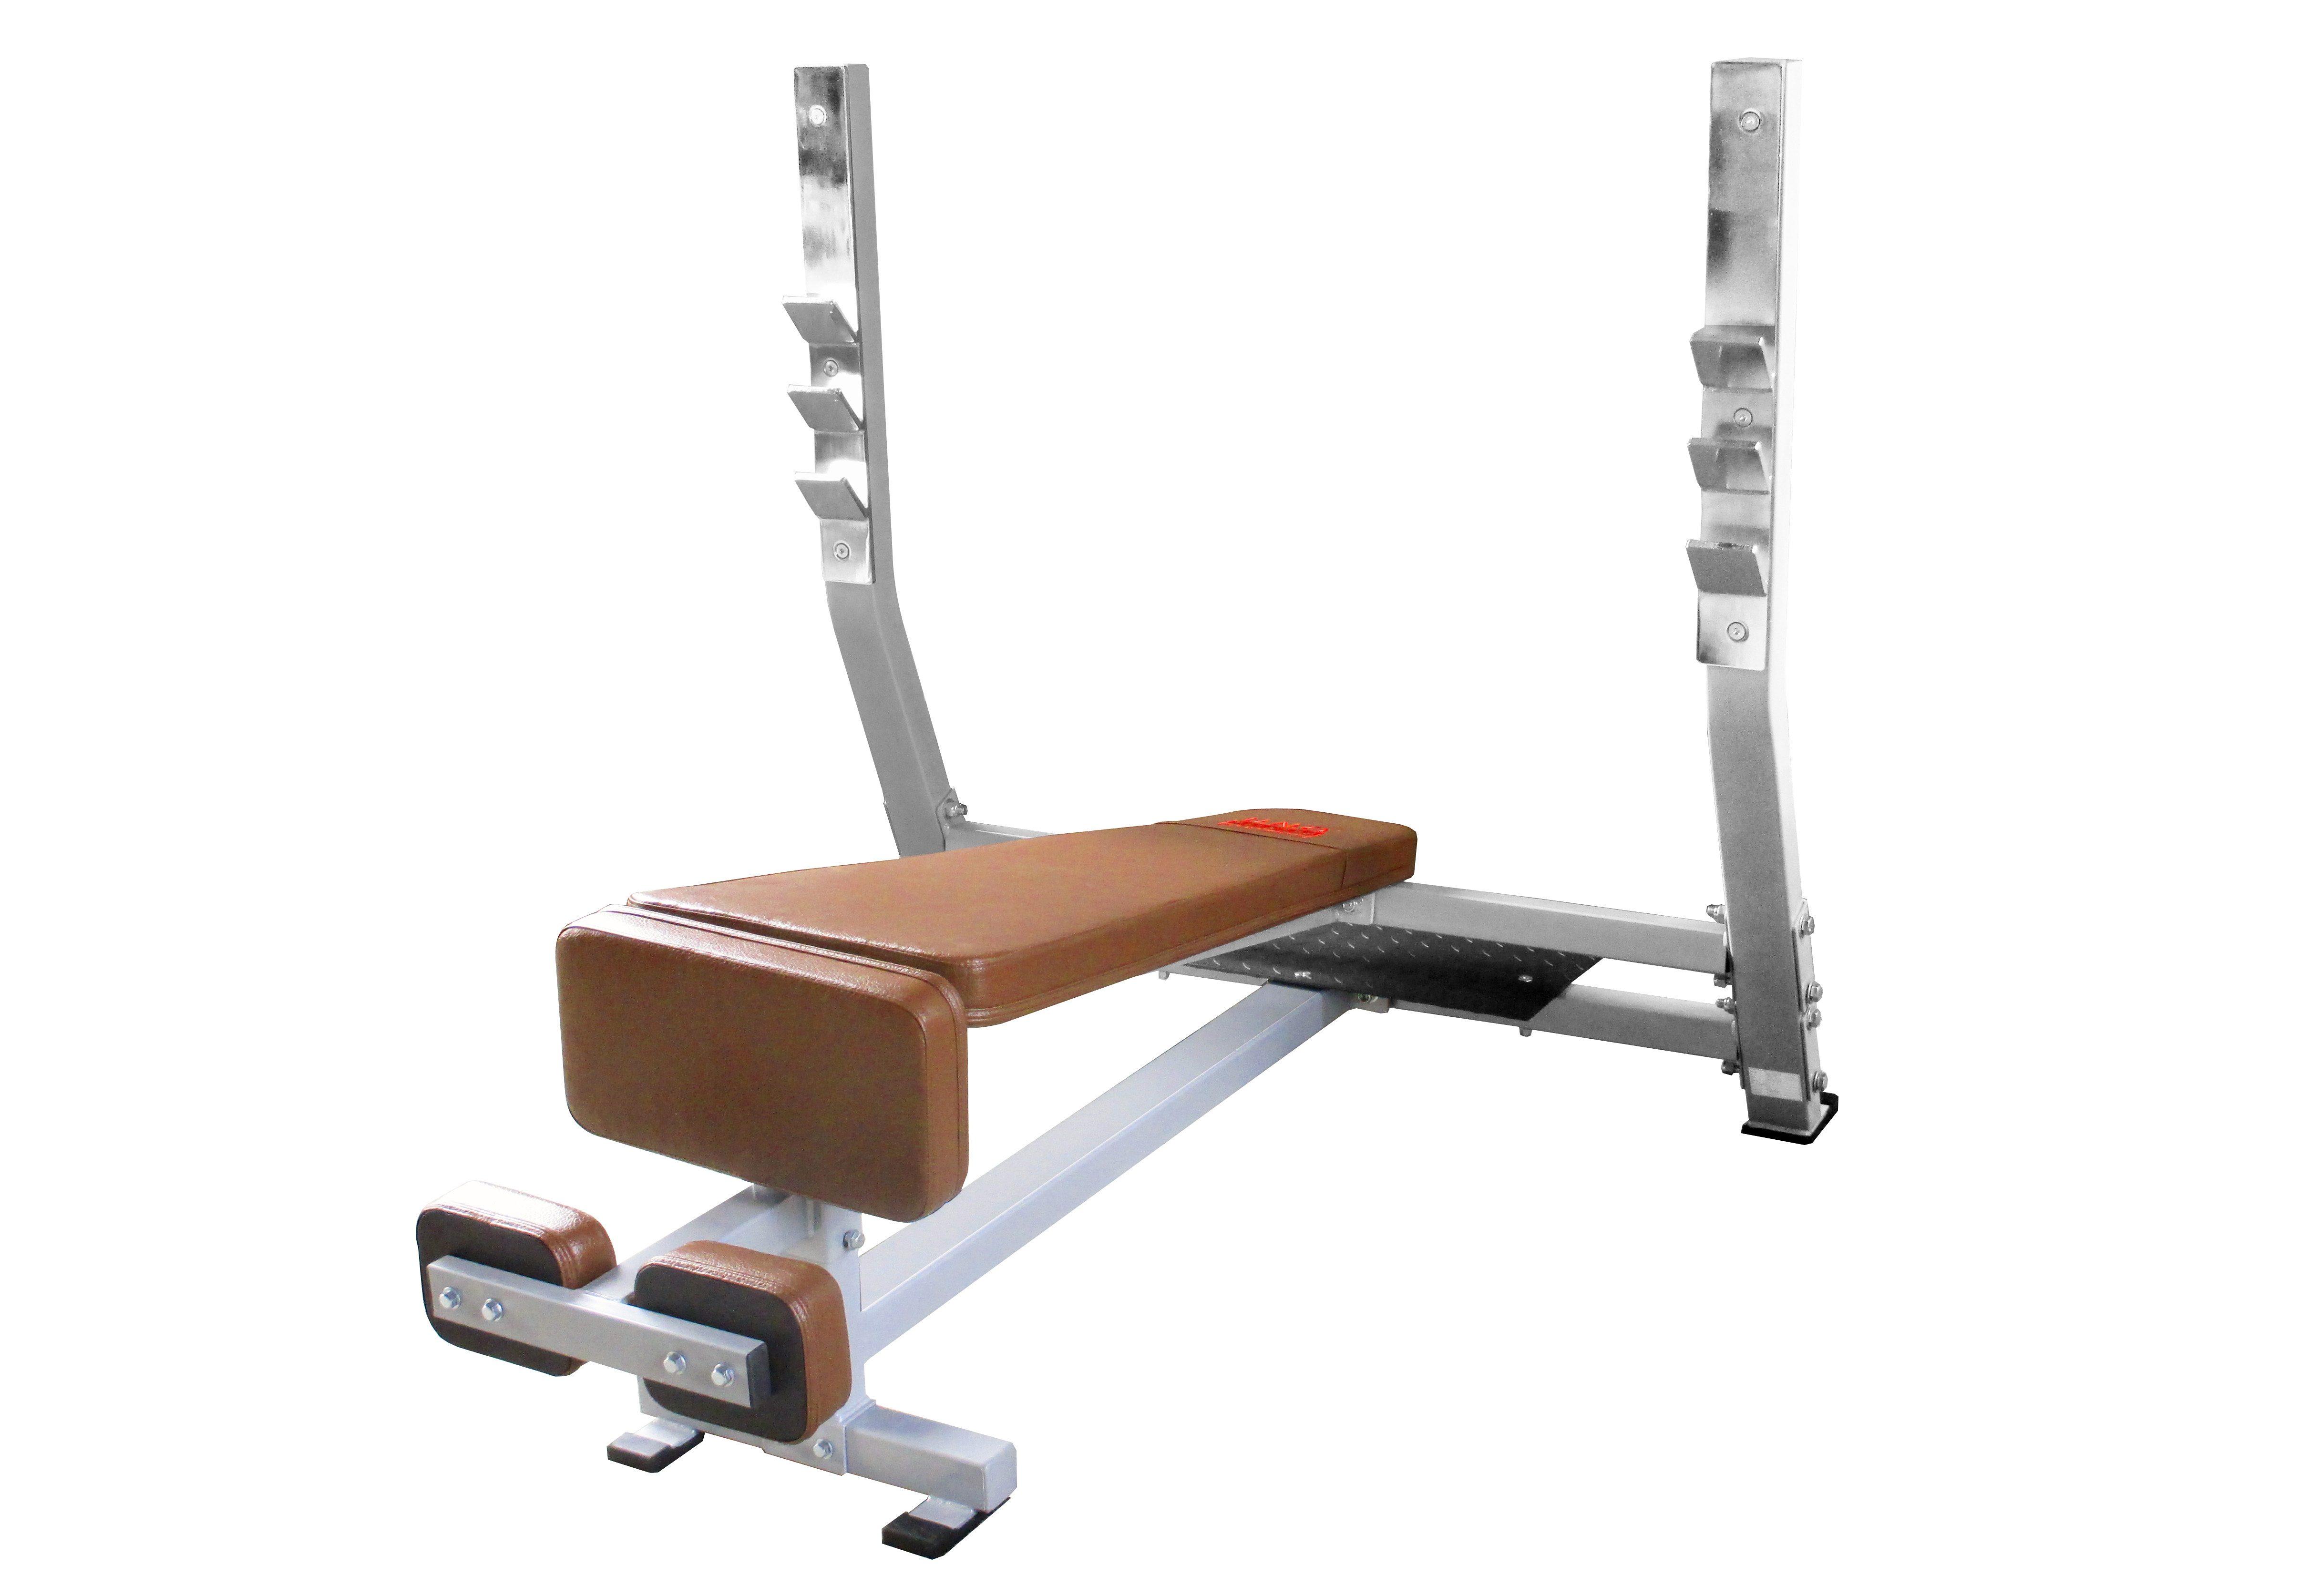 Schrägbank, negativ, mit integrierter Hantelablage, »STR1300«, Strength by U.N.O. Fitness